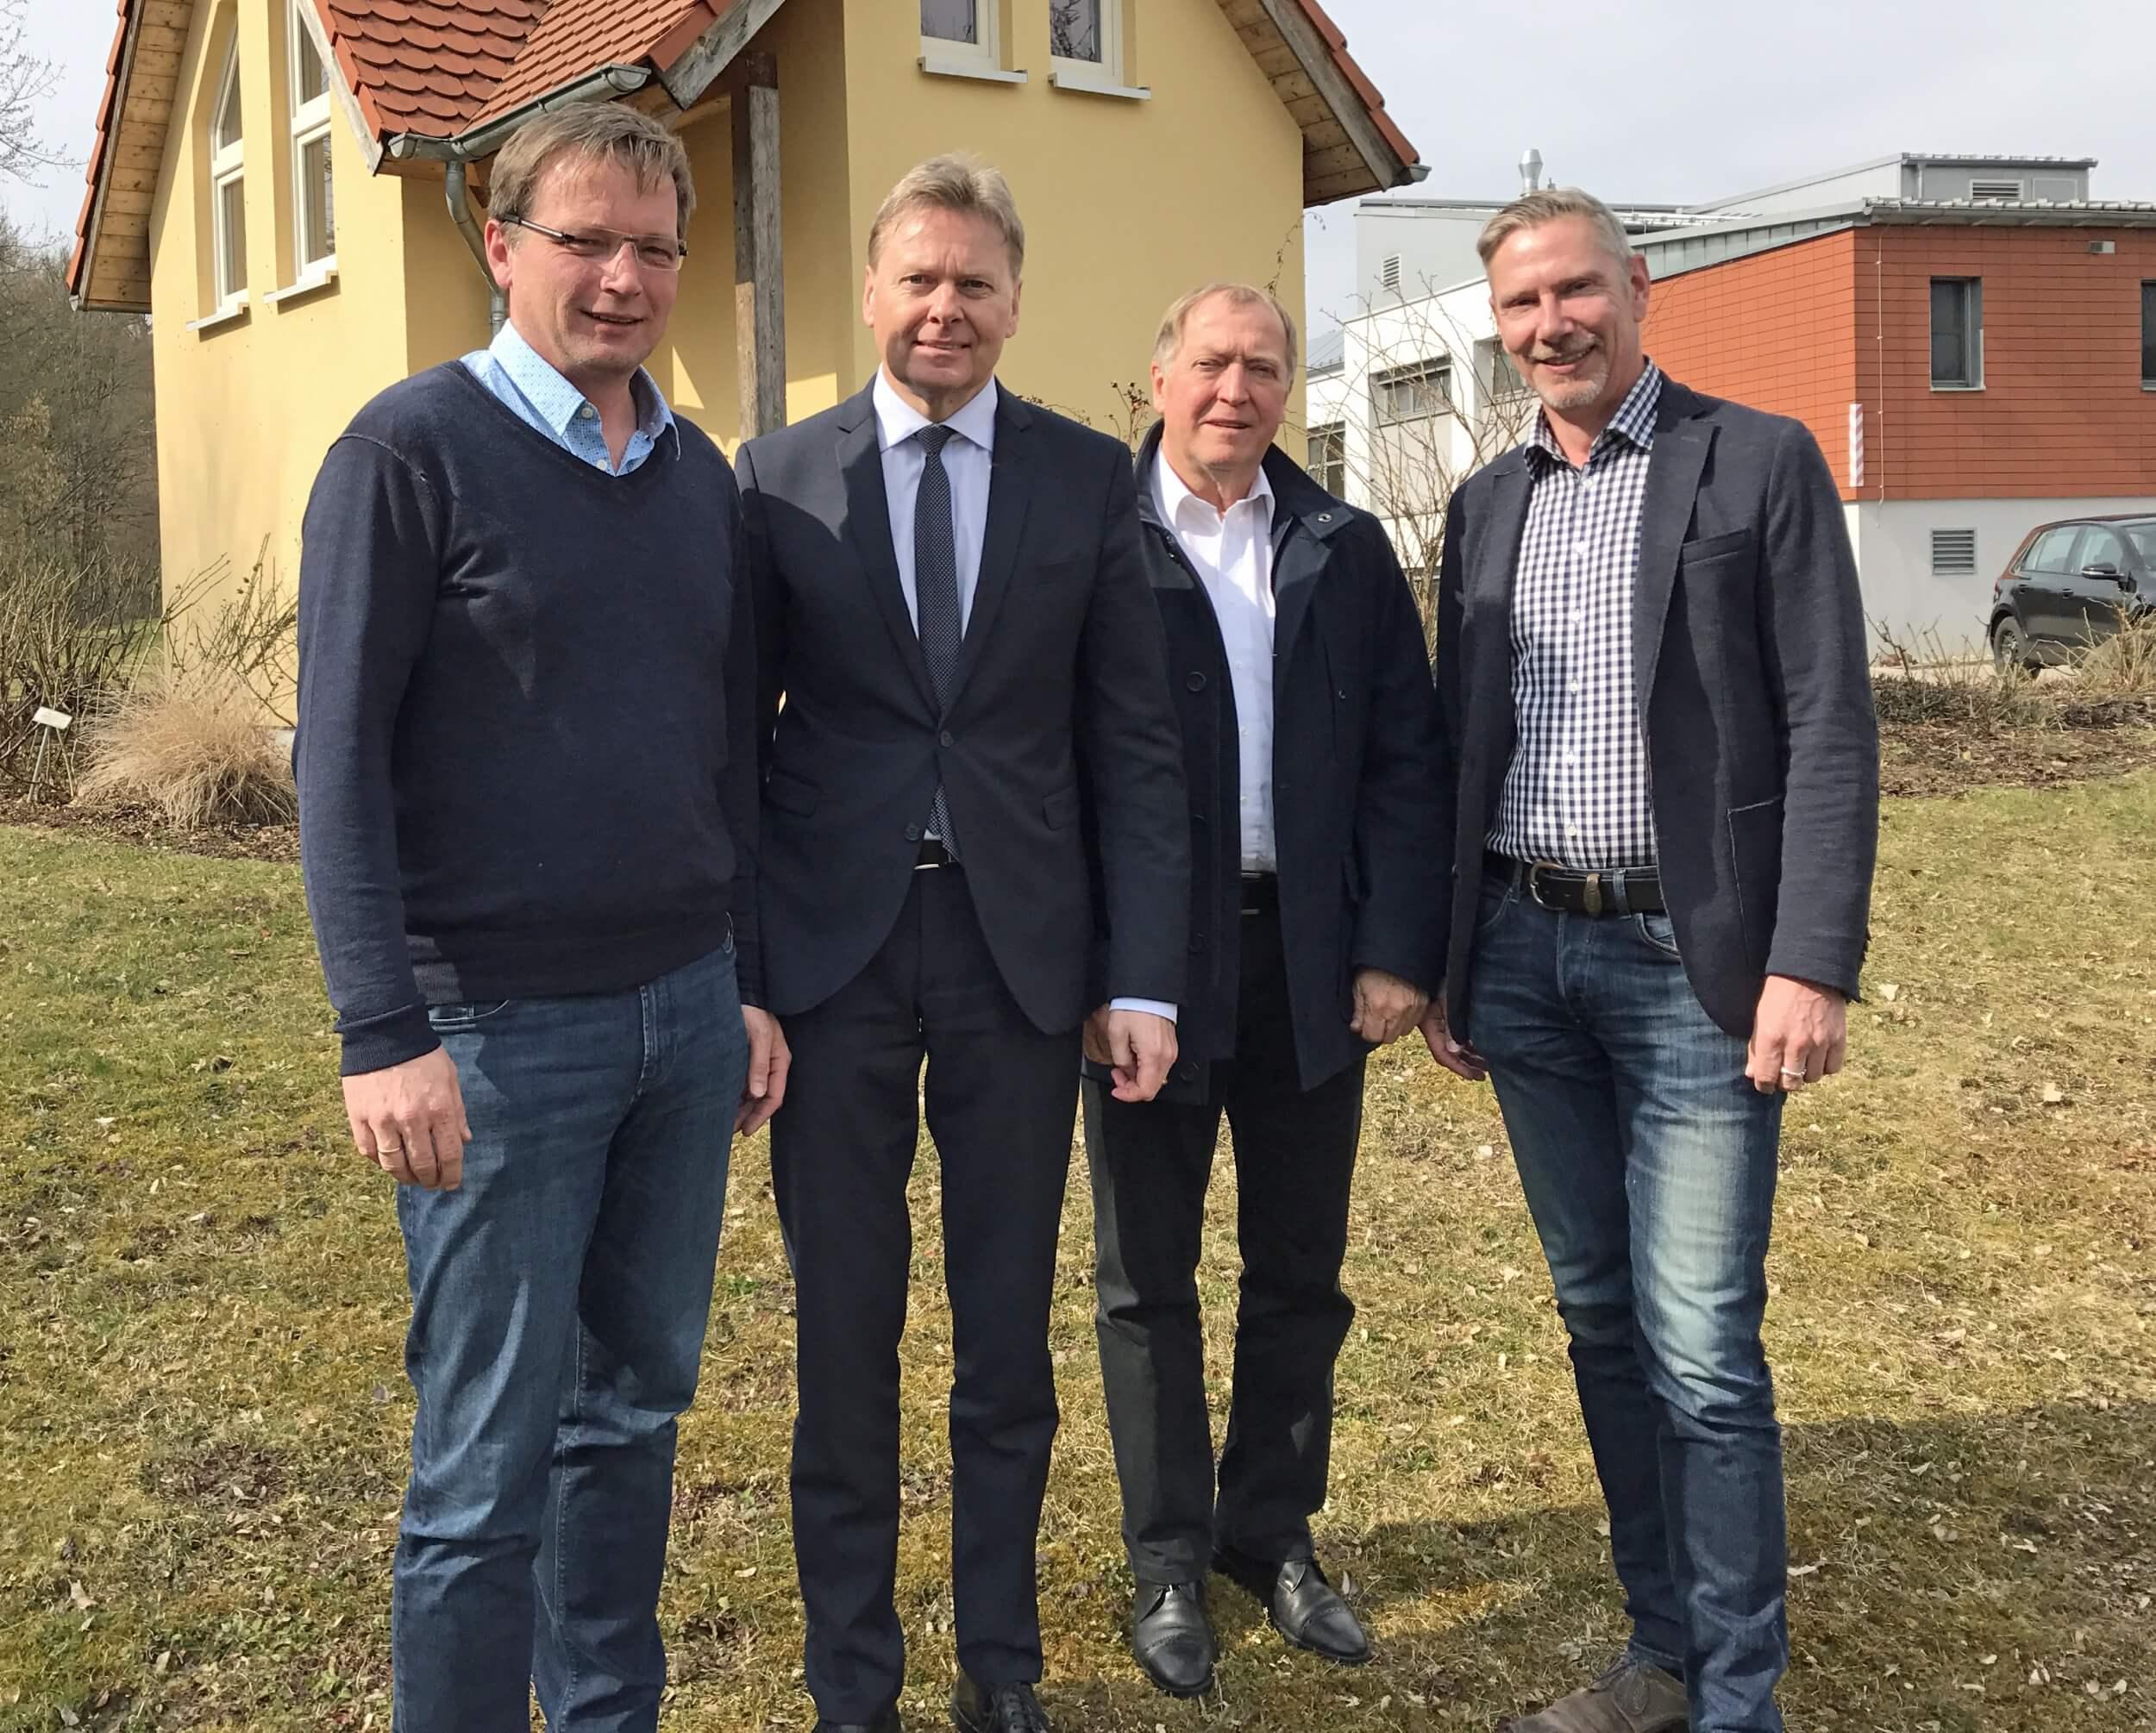 Im Bild von links: Peter Uschalt, Norbert Dünkel, Dr. Otto Wolze und Götz Reichel